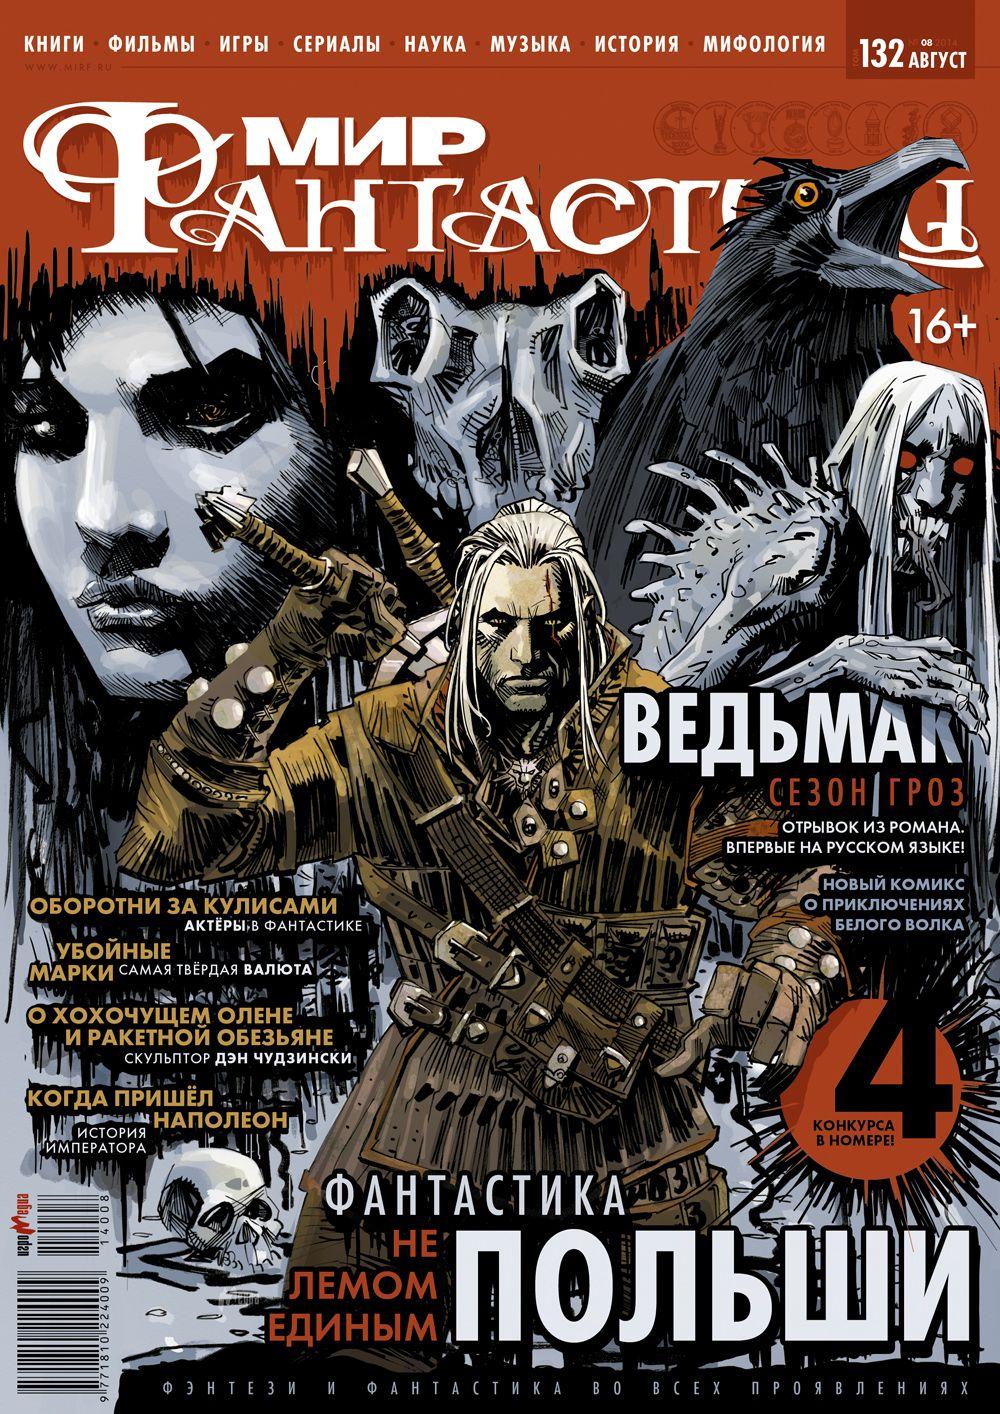 Мир фантастики №132 (Август 2014)